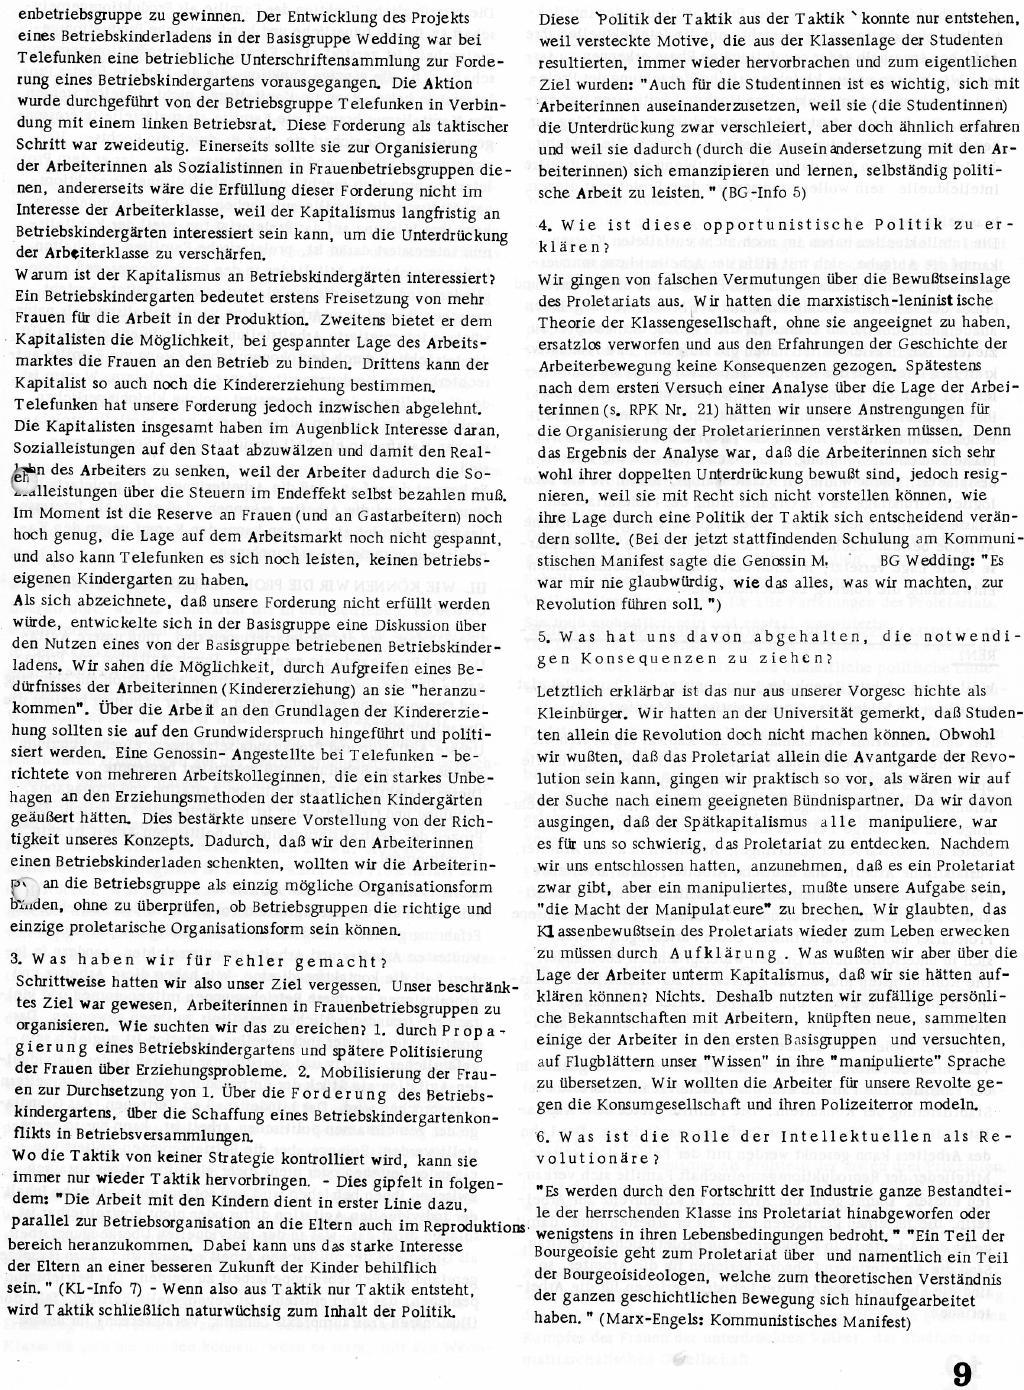 RPK_1969_036_09